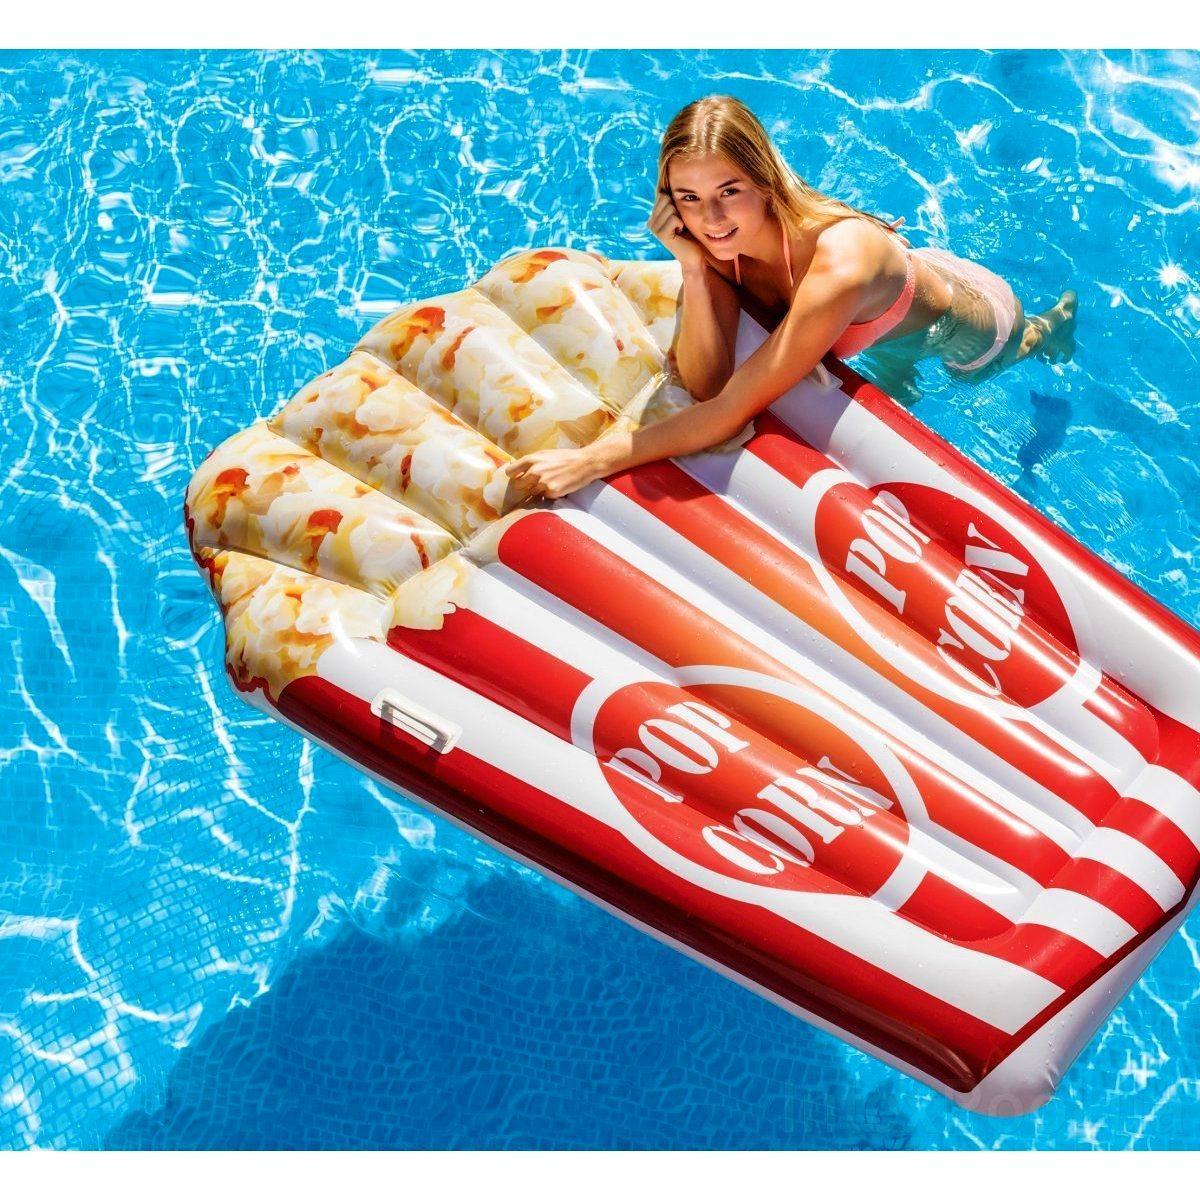 Пляжний надувний матрац - пліт Intex 58779 Попкорн, 178 х 124 см